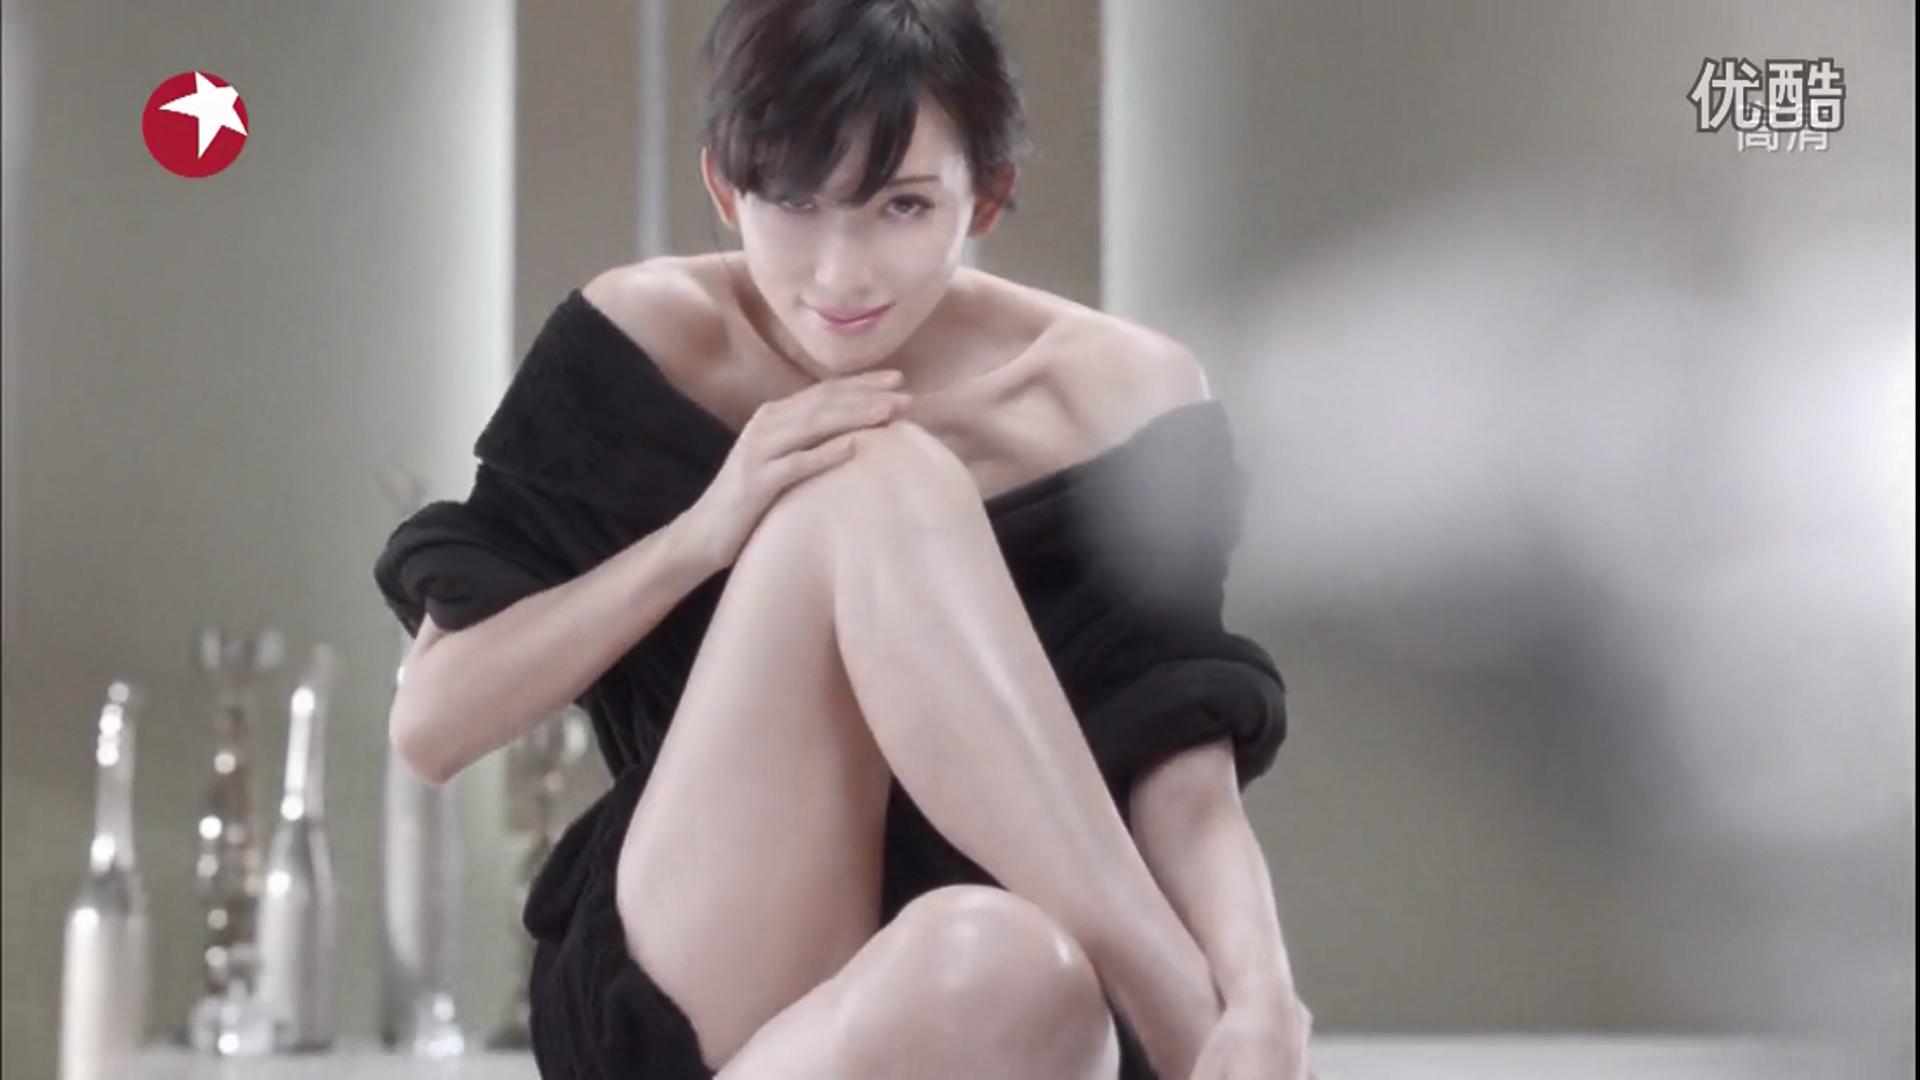 美女福利视频,性感视频,美女热舞,美拍视频,小咖秀性感美女